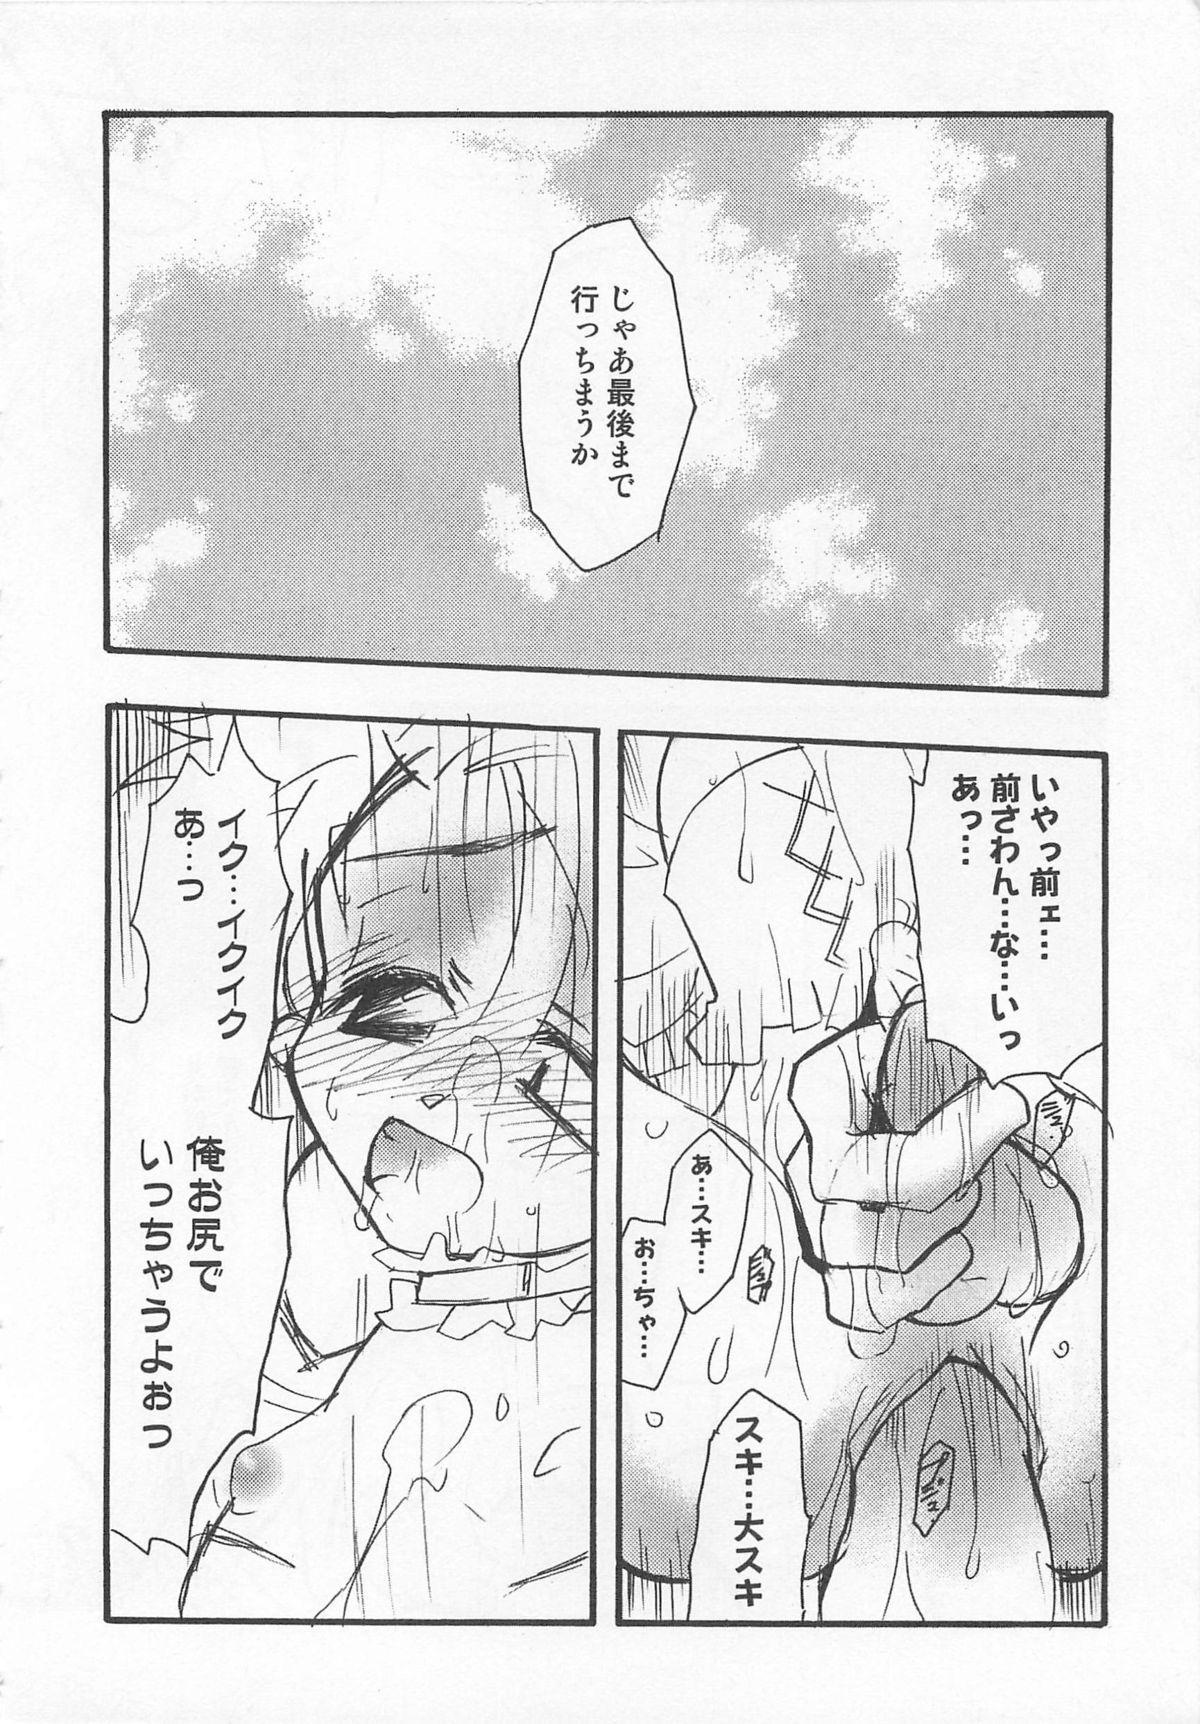 Otokonoko HEAVEN Vol. 01 Meganekko 84